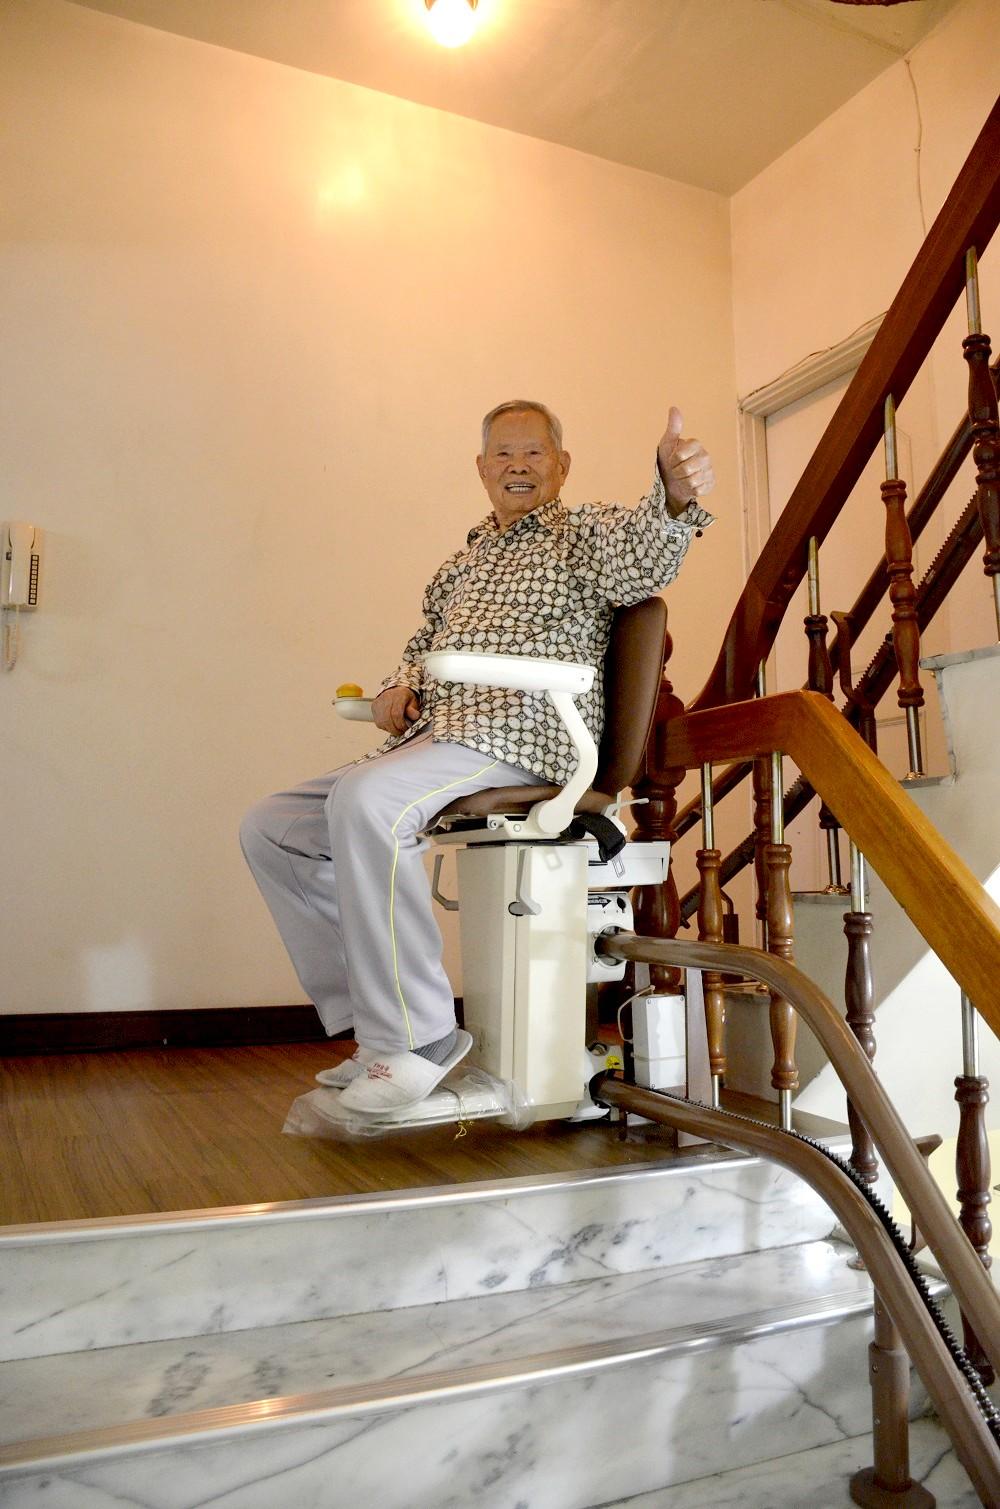 高雄李伯伯好評的樓梯升降椅